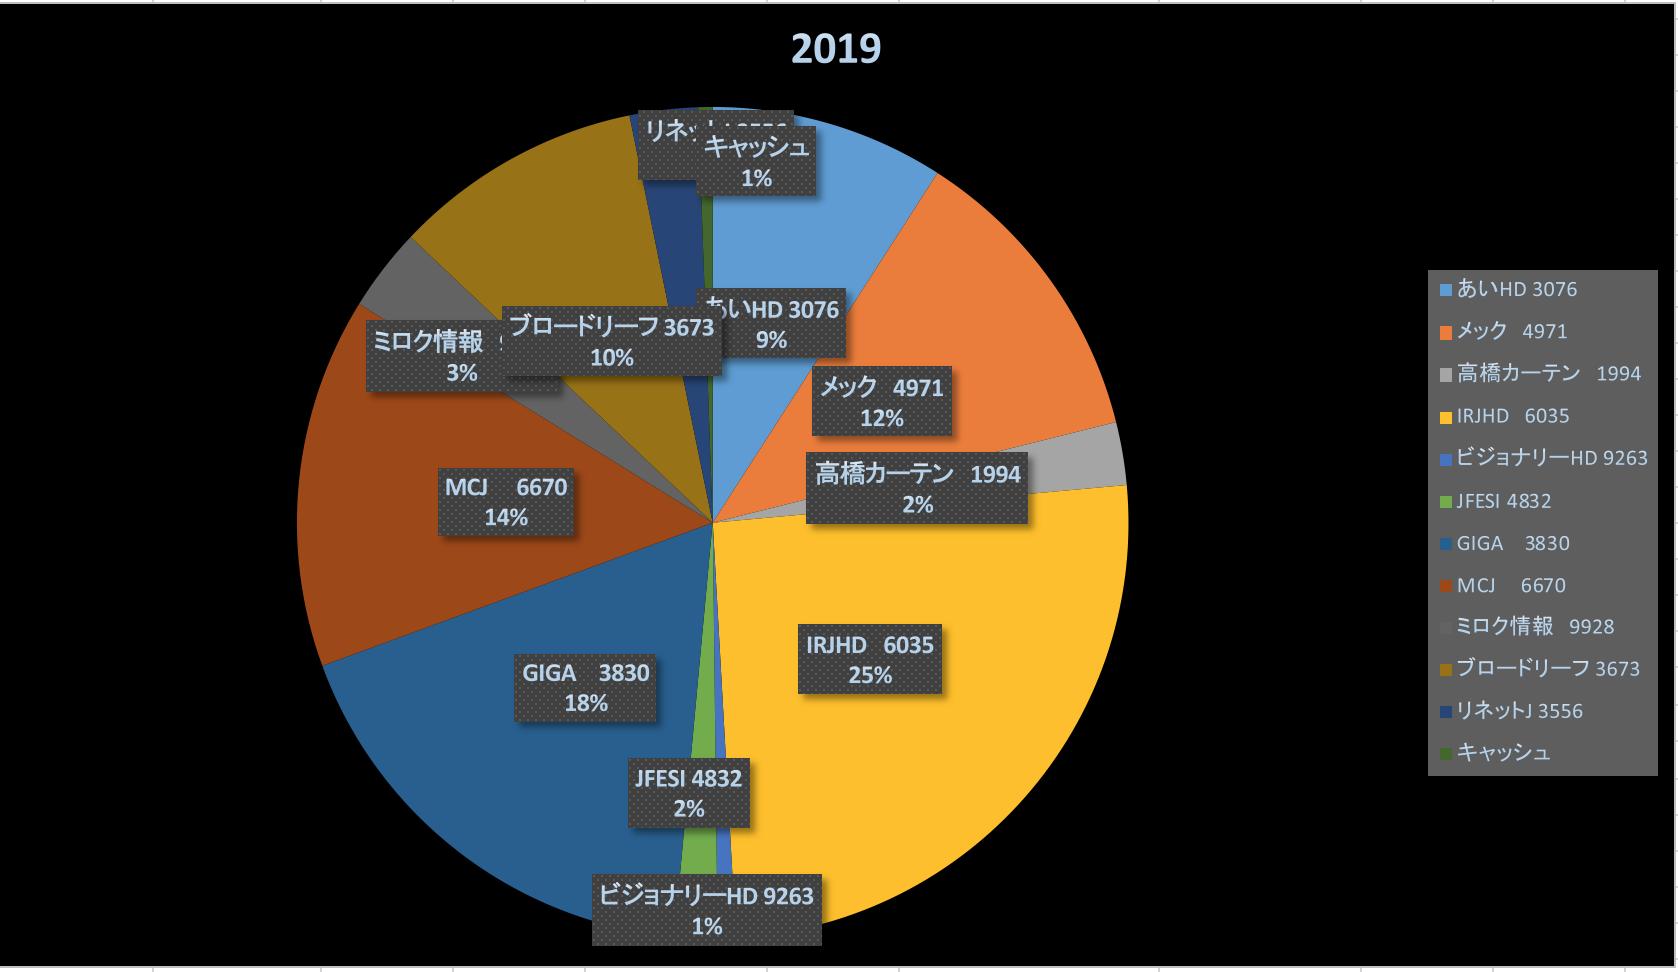 夏休みに読書しましょう(株式投資成績報告2019/8/10)